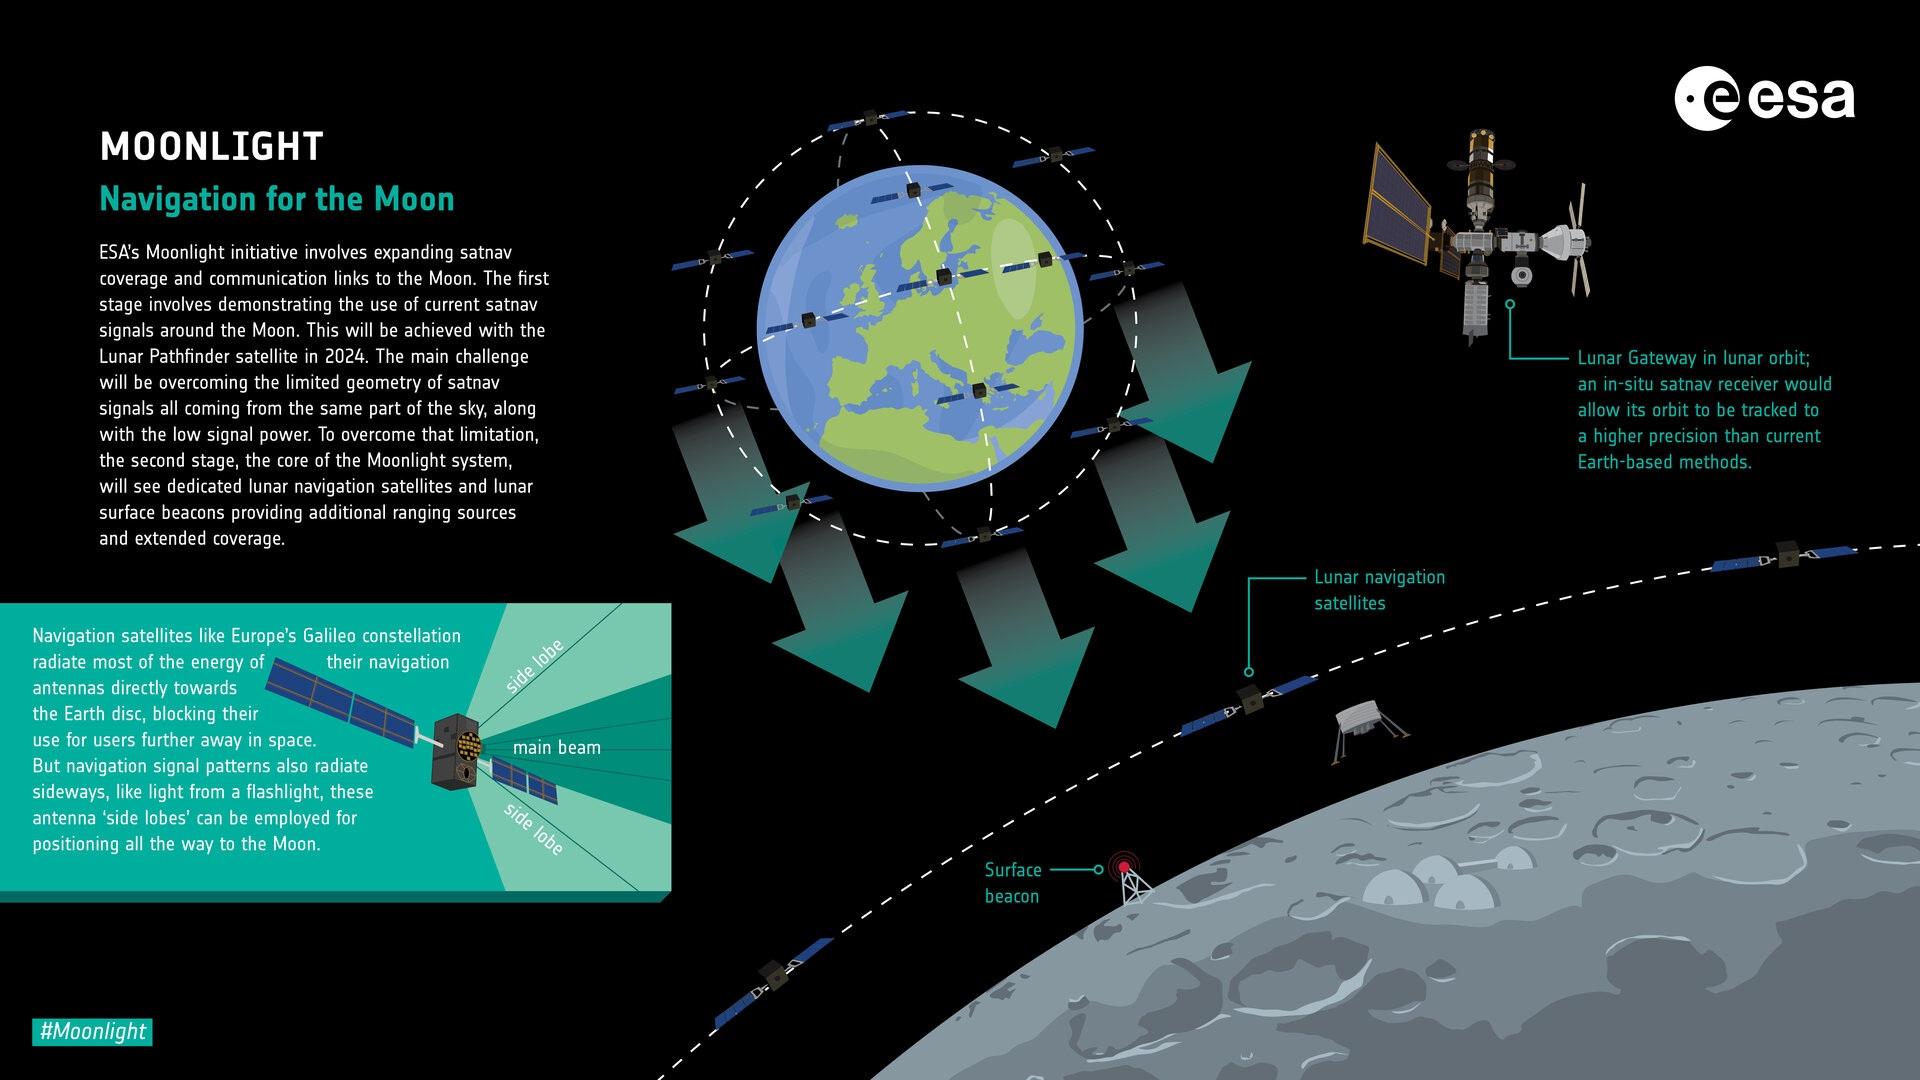 Un infografica dell'ESA in cui sono rappresentate le varie attività lunari dell'ESA Moonlight. Fra queste ci sono i collegamenti fra la superficie, l'orbita e la Terra ma anche i collegamenti fra la superficie e il Lunar Gateway. Credits: ESA